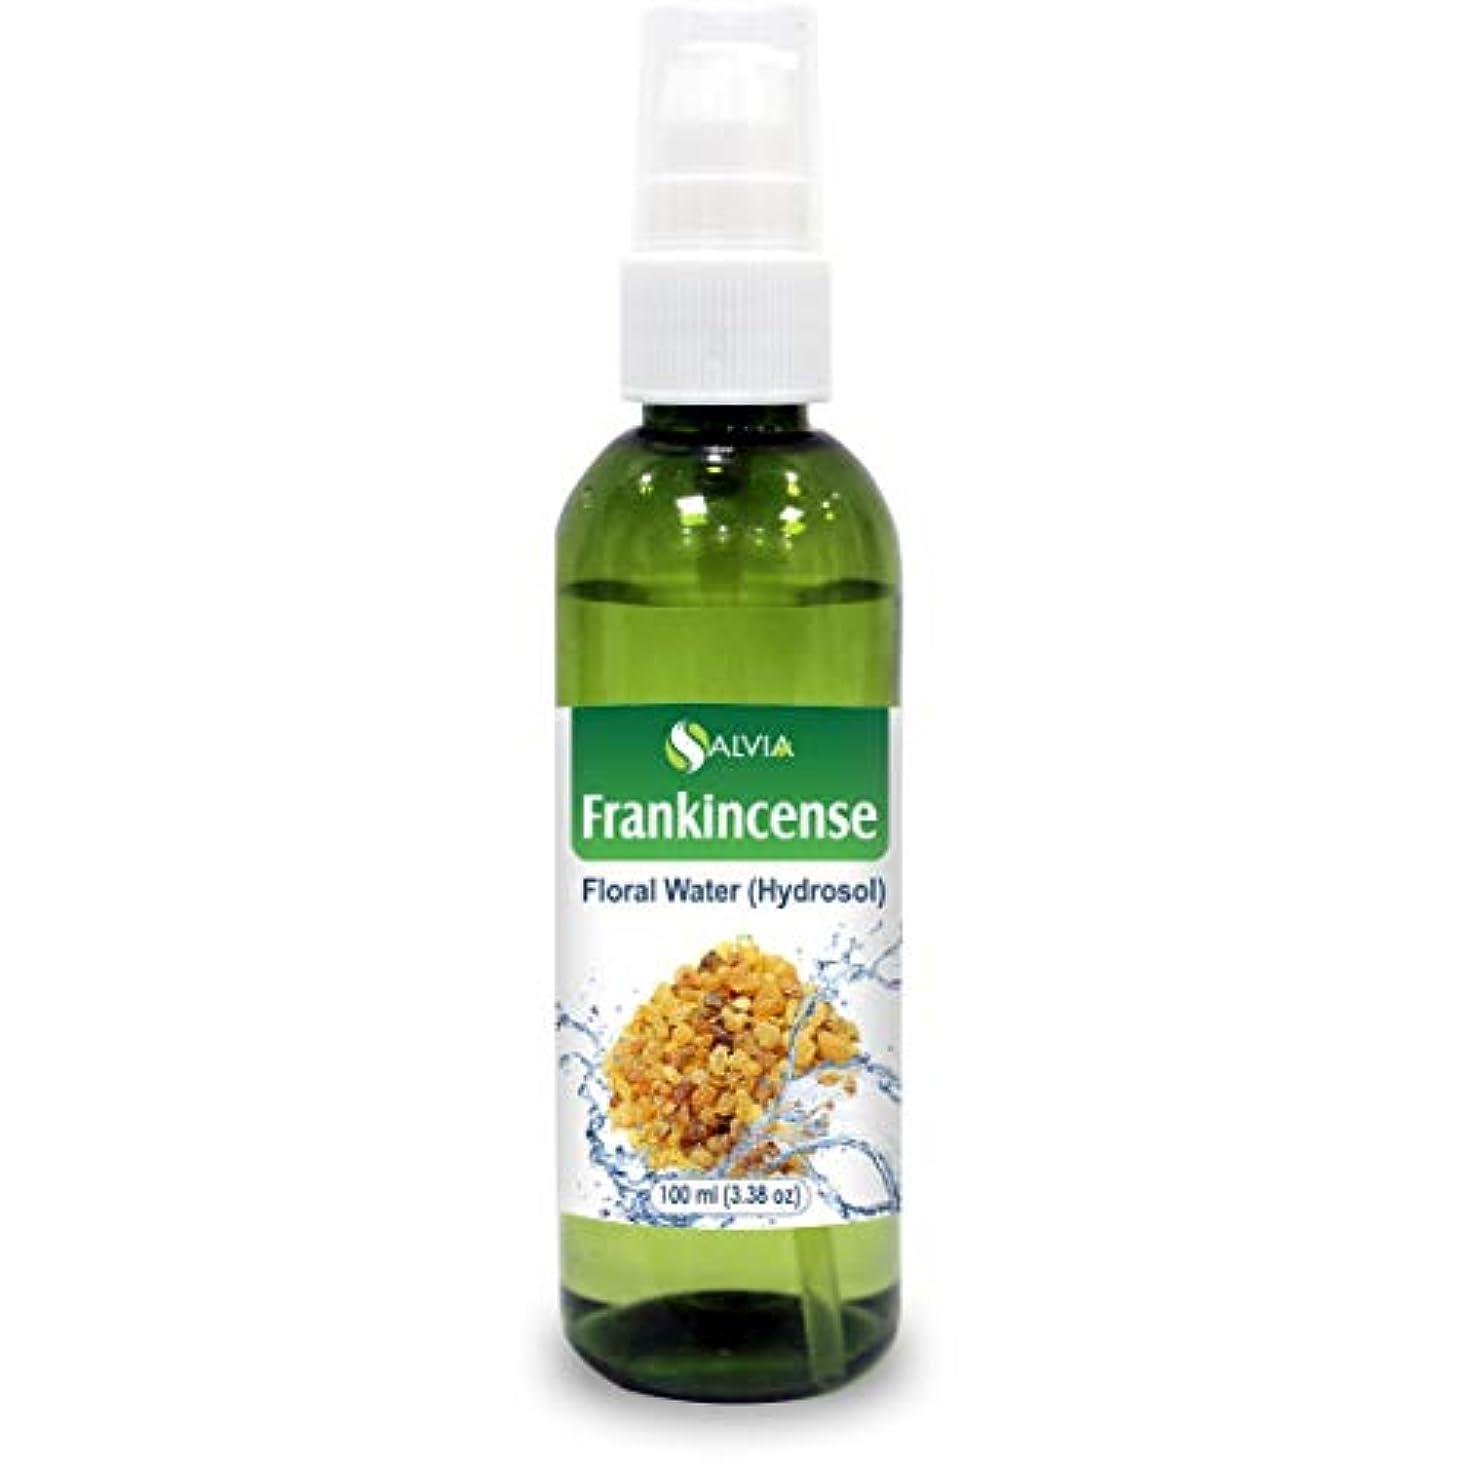 マインドフル雇う本Frankincense Floral Water 100ml (Hydrosol) 100% Pure And Natural